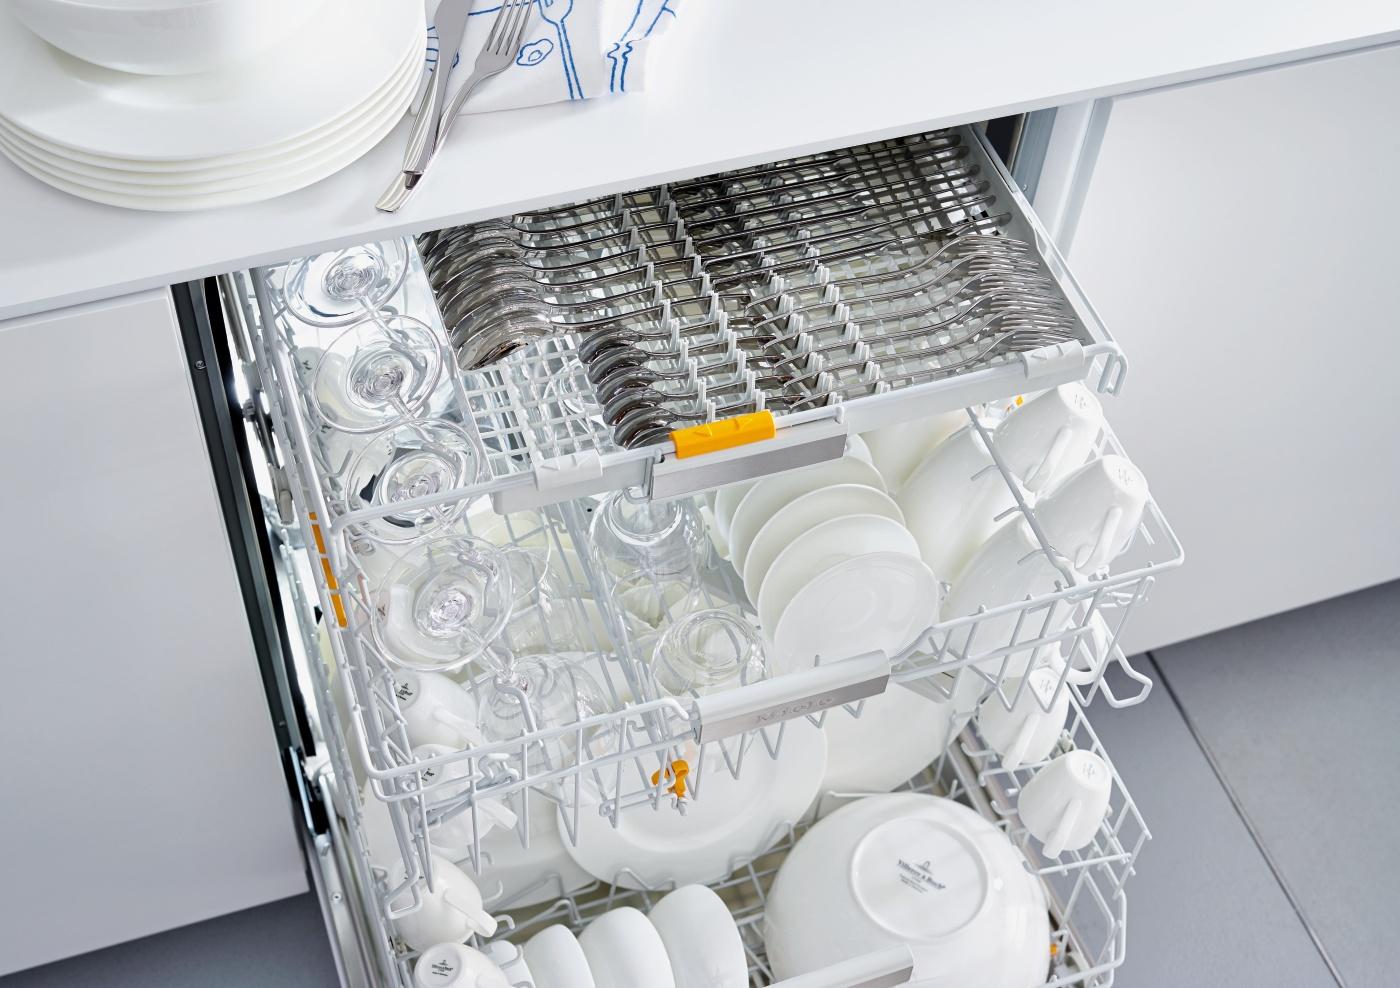 Migliore lavastoviglie economica per risparmiare energia